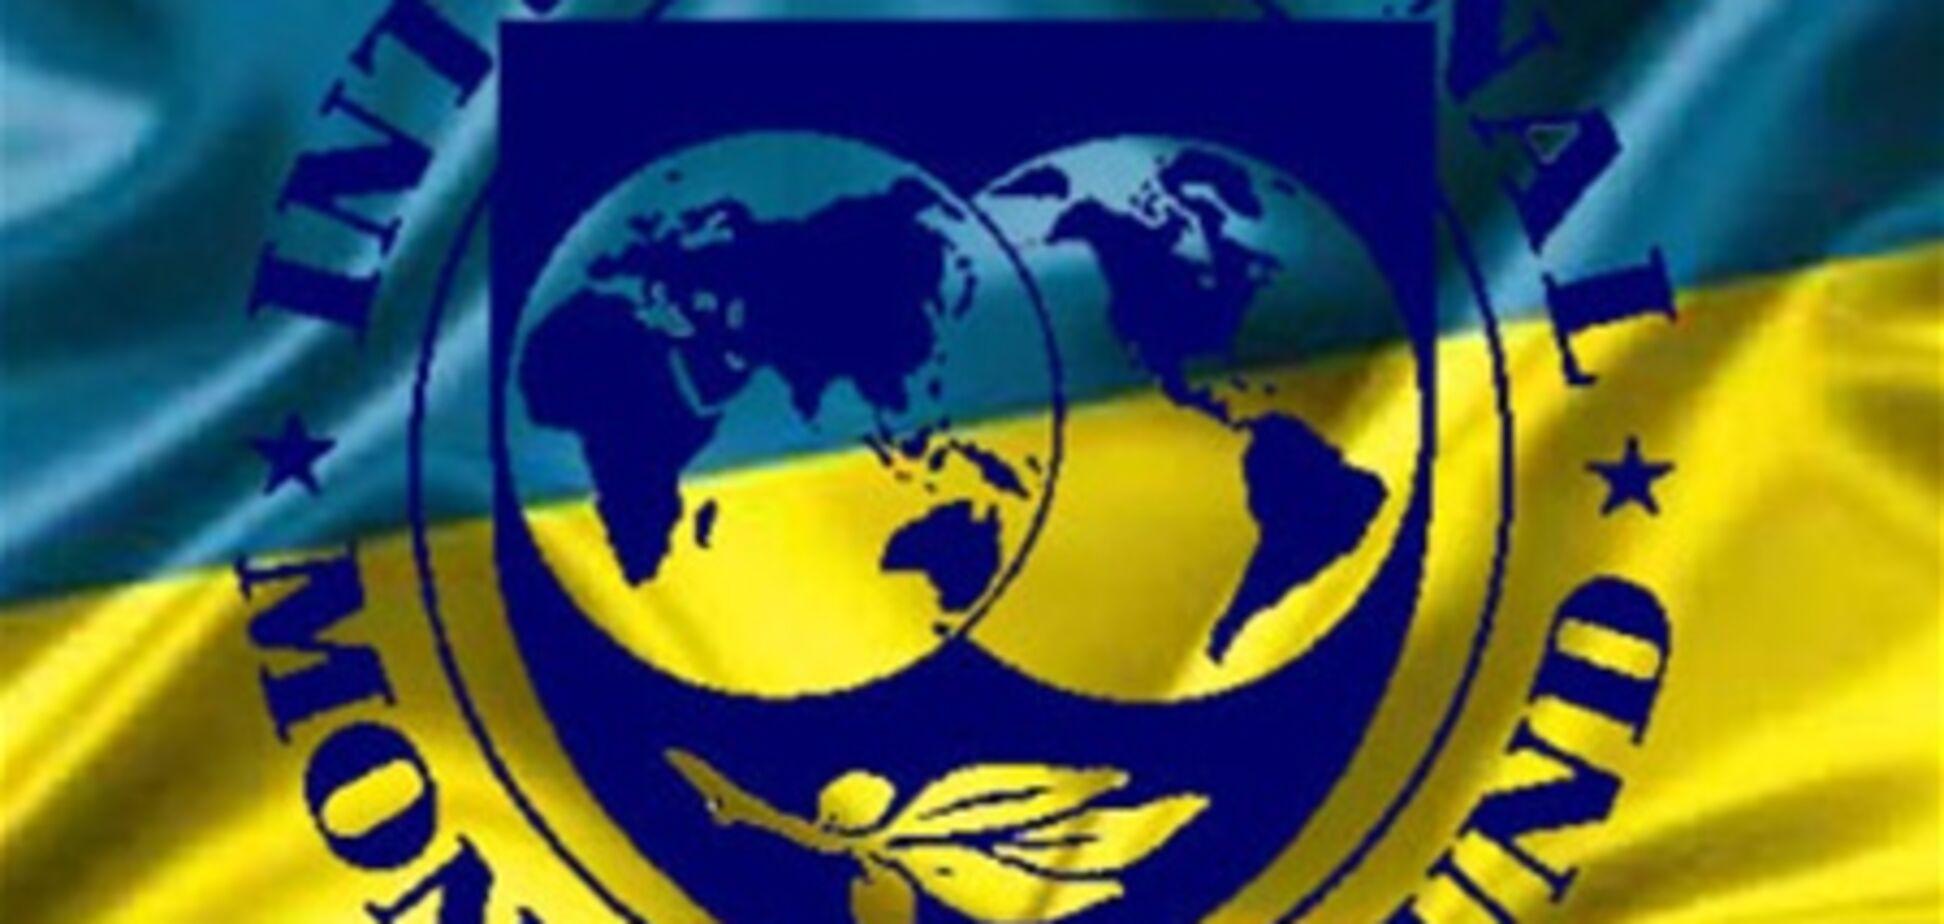 Экономические показатели Украины опередили прогноз МВФ